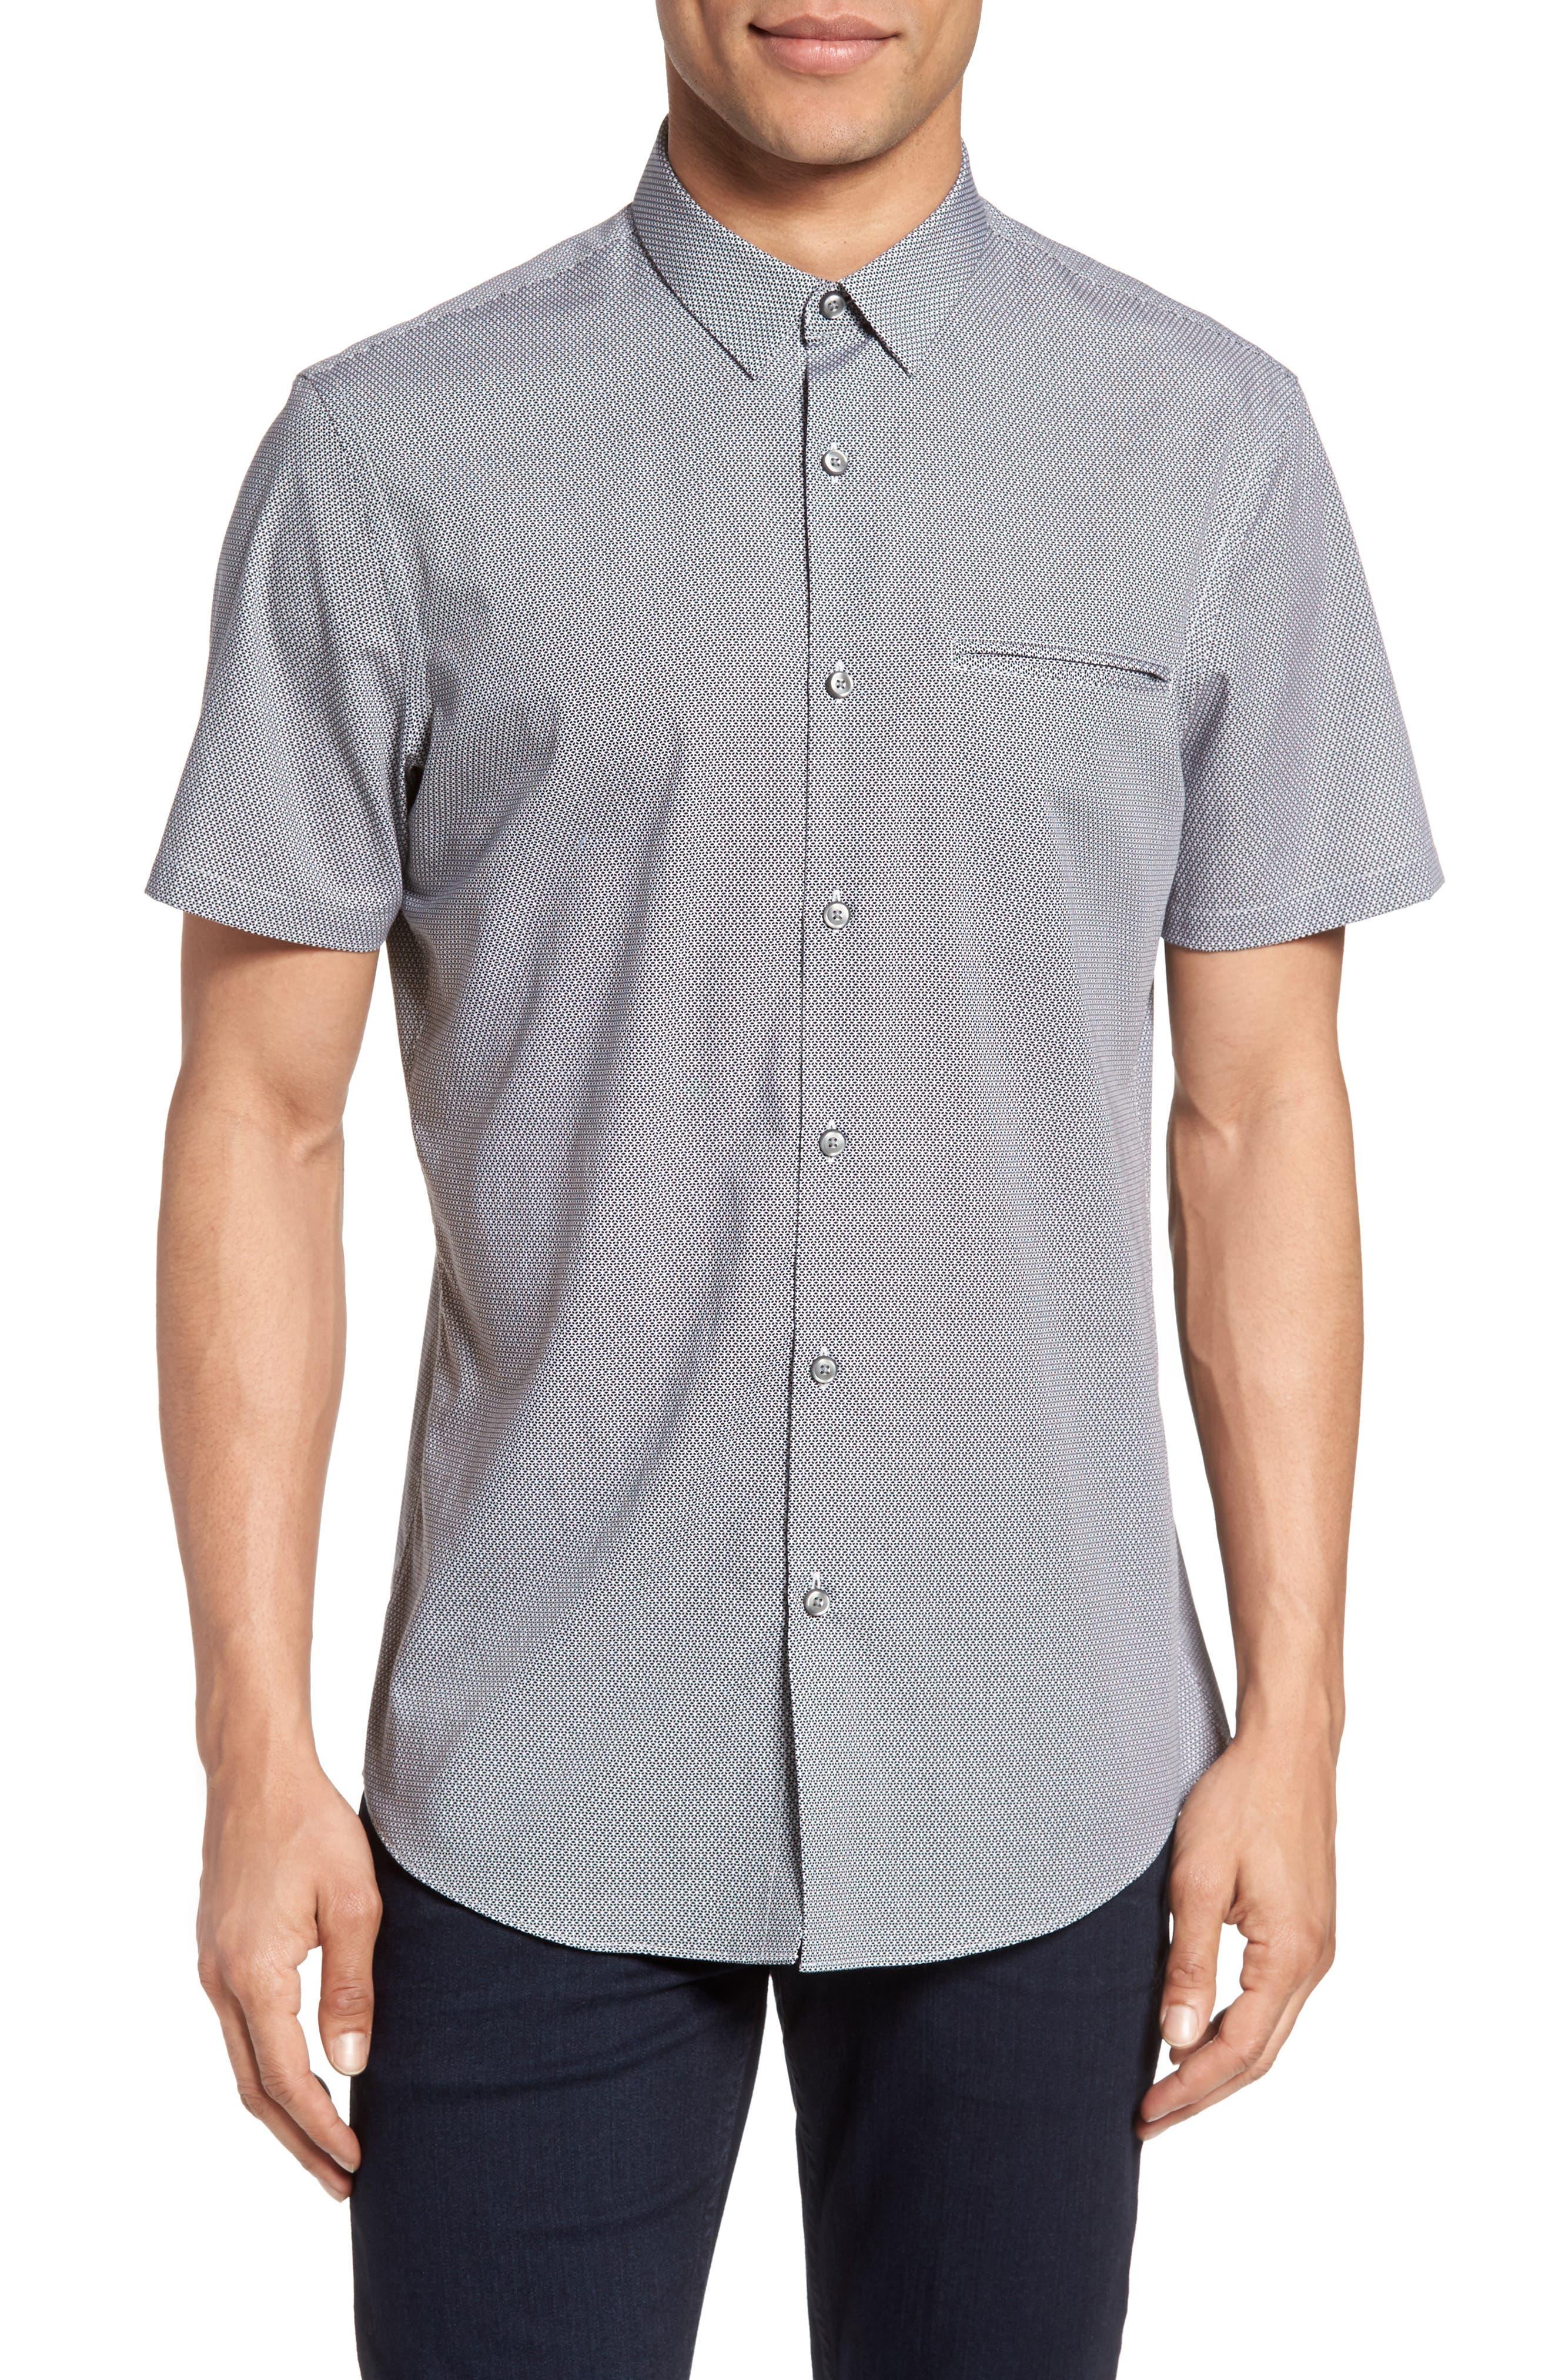 CALIBRATE Non-Iron Cotton Sport Shirt